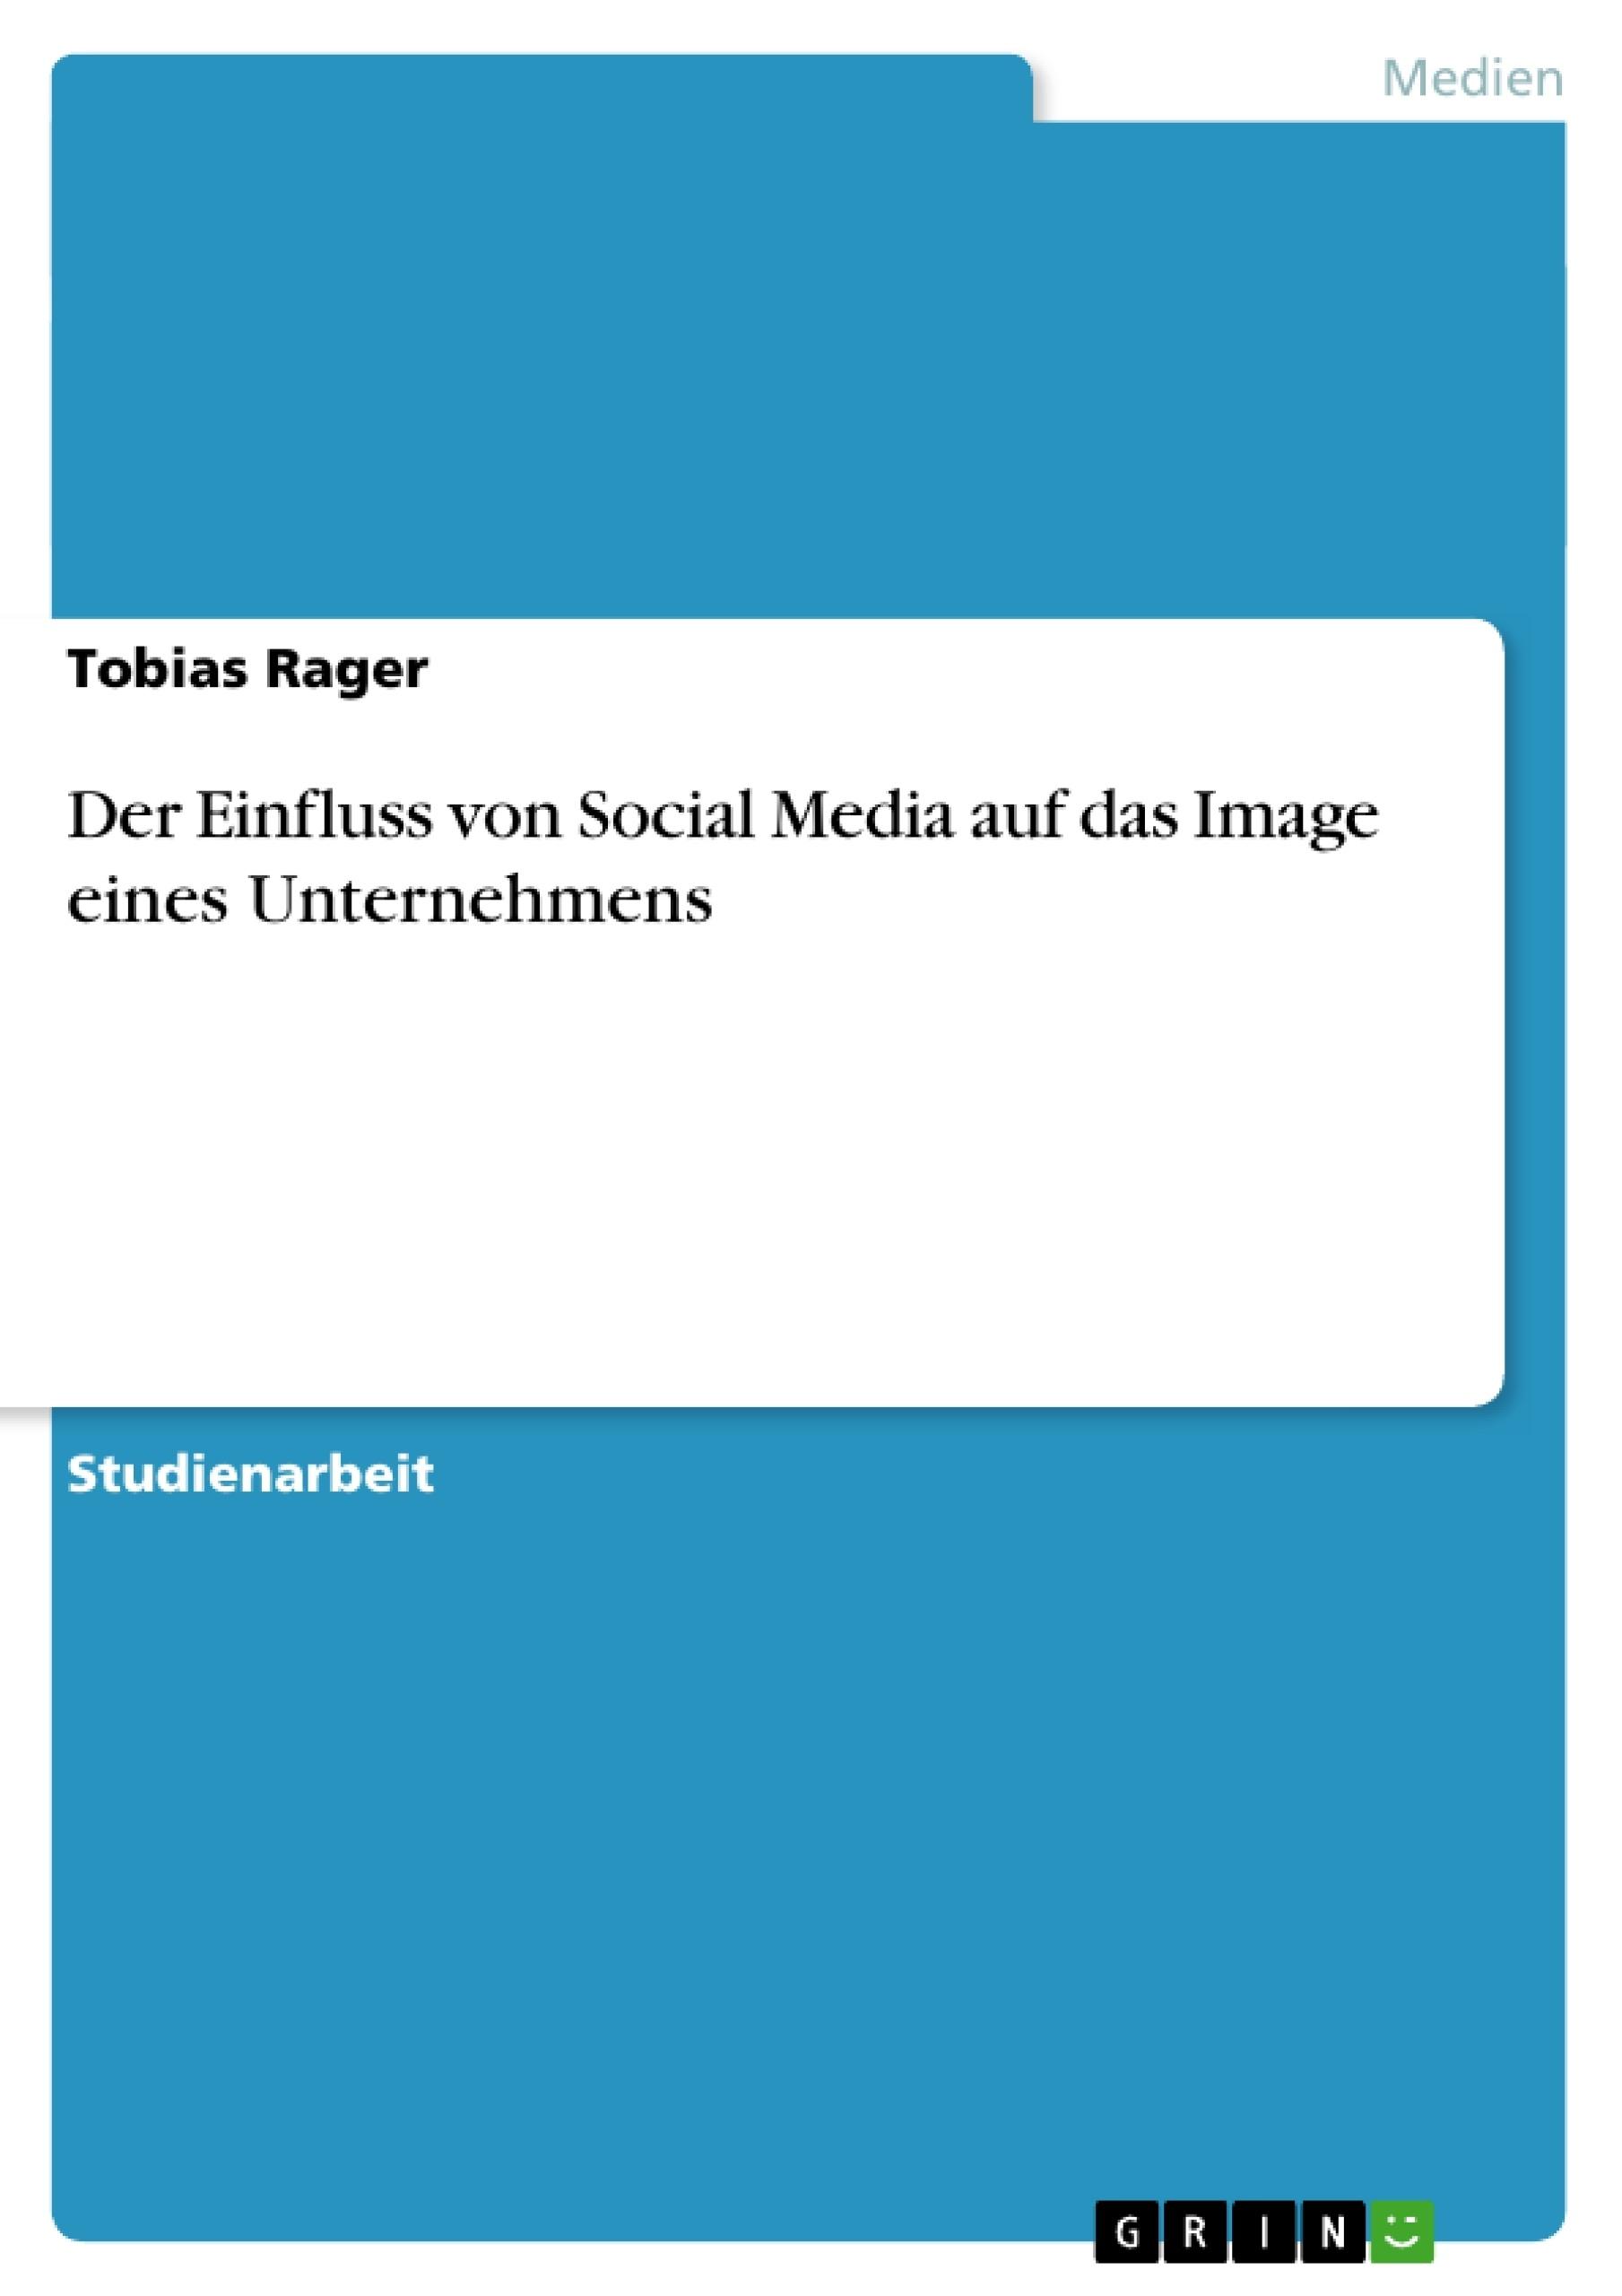 Titel: Der Einfluss von Social Media auf das Image eines Unternehmens